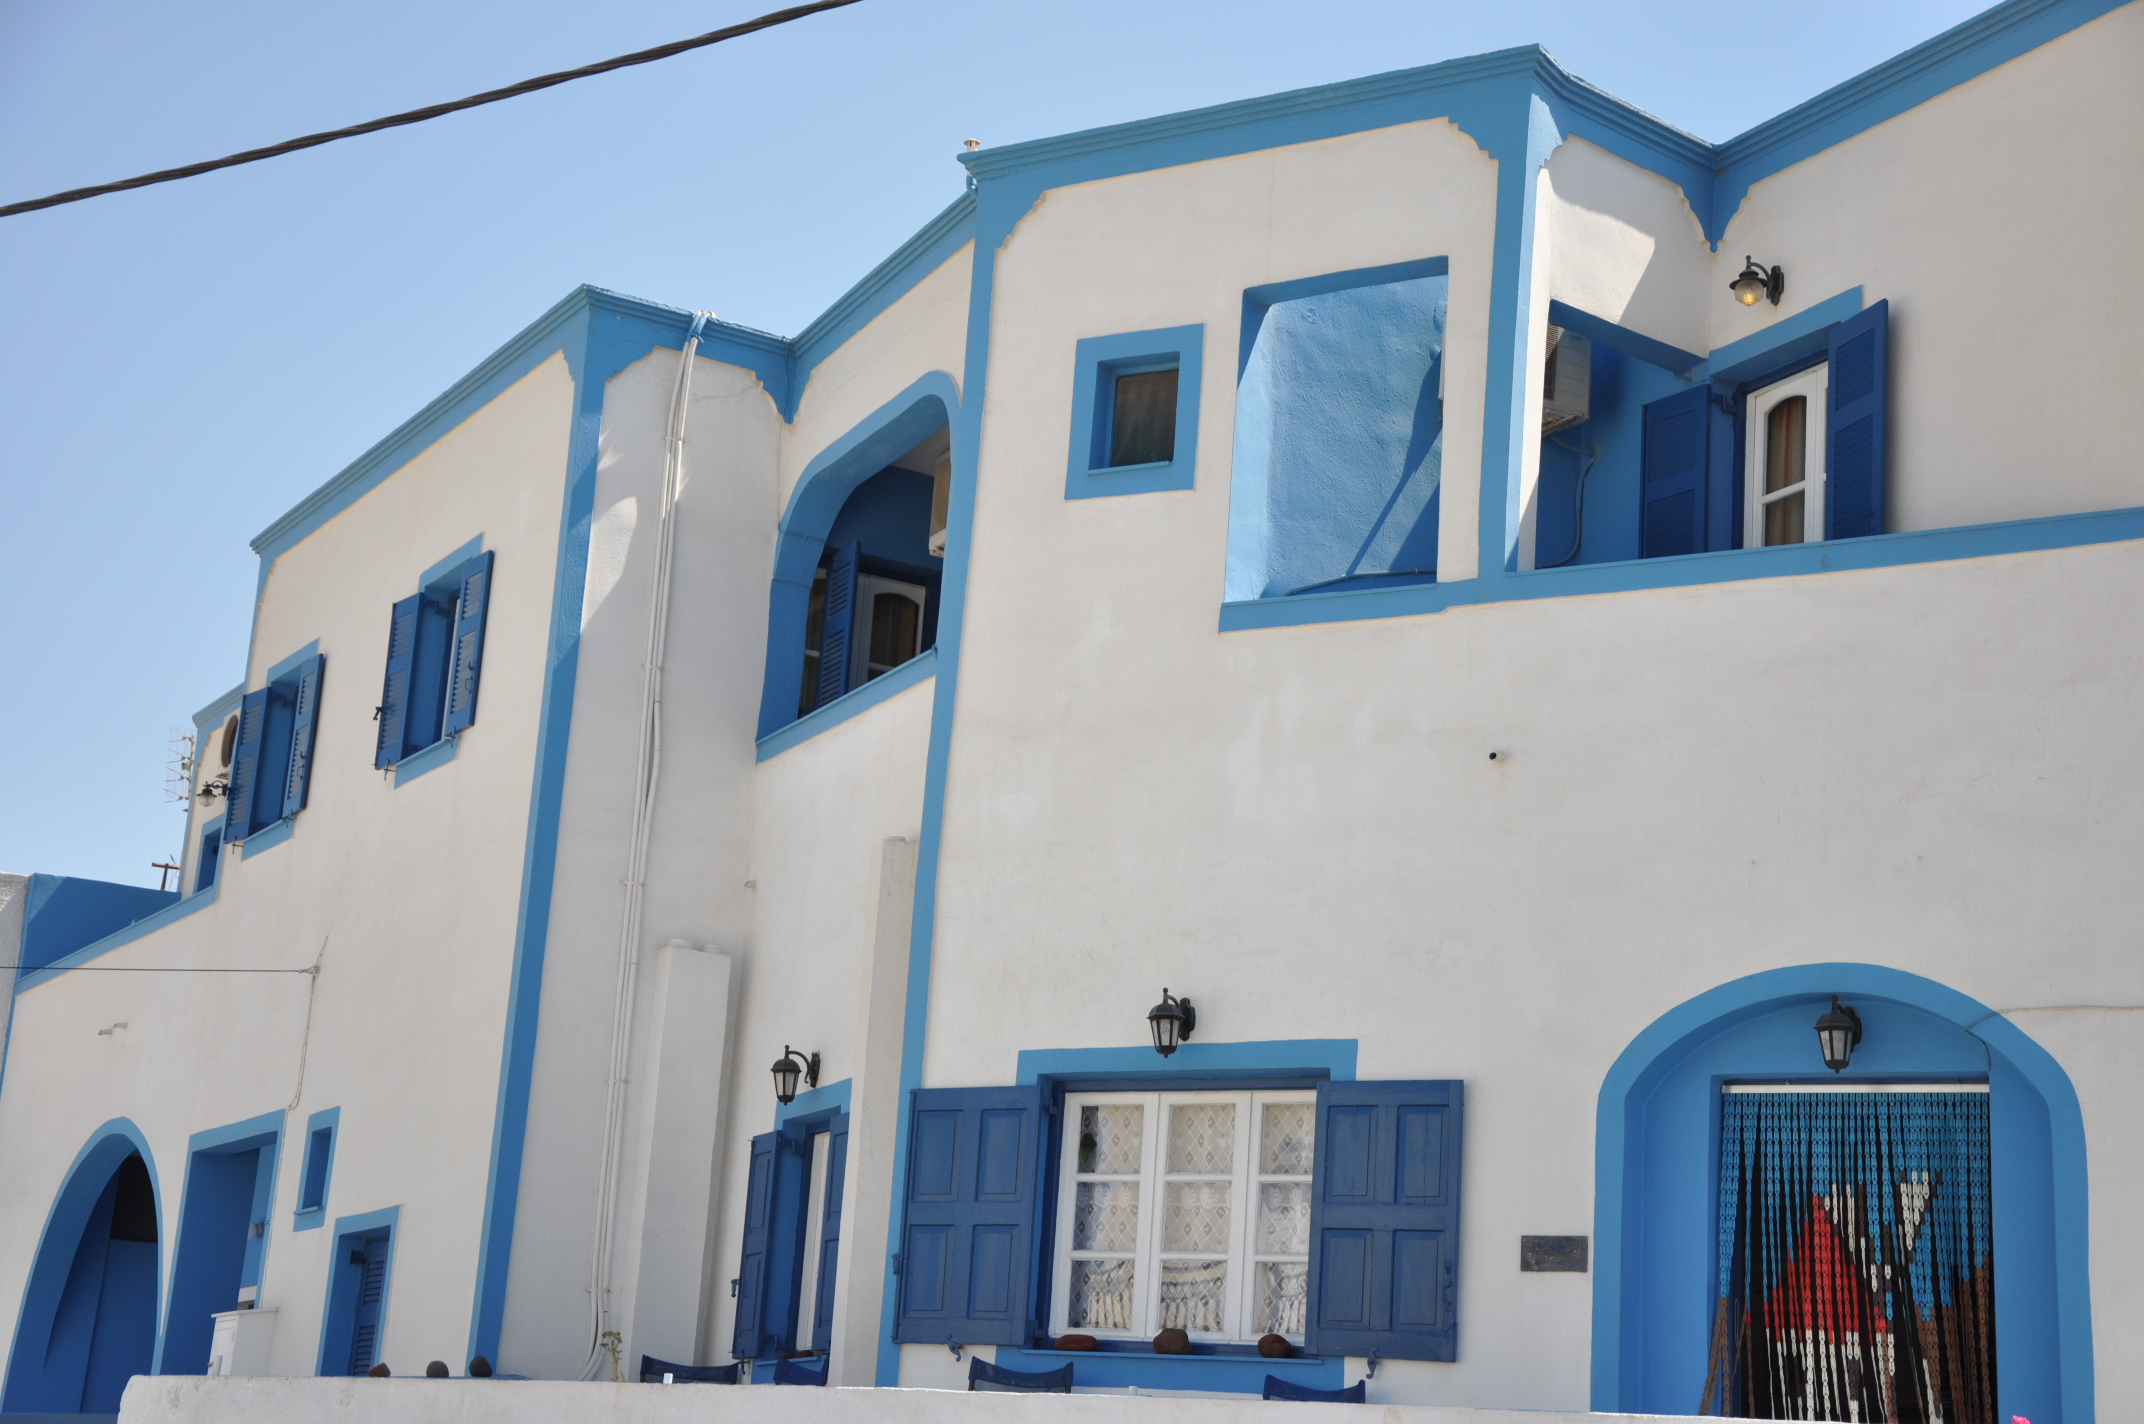 le mie vacanze luglio 2014 sull isola di santorini maria